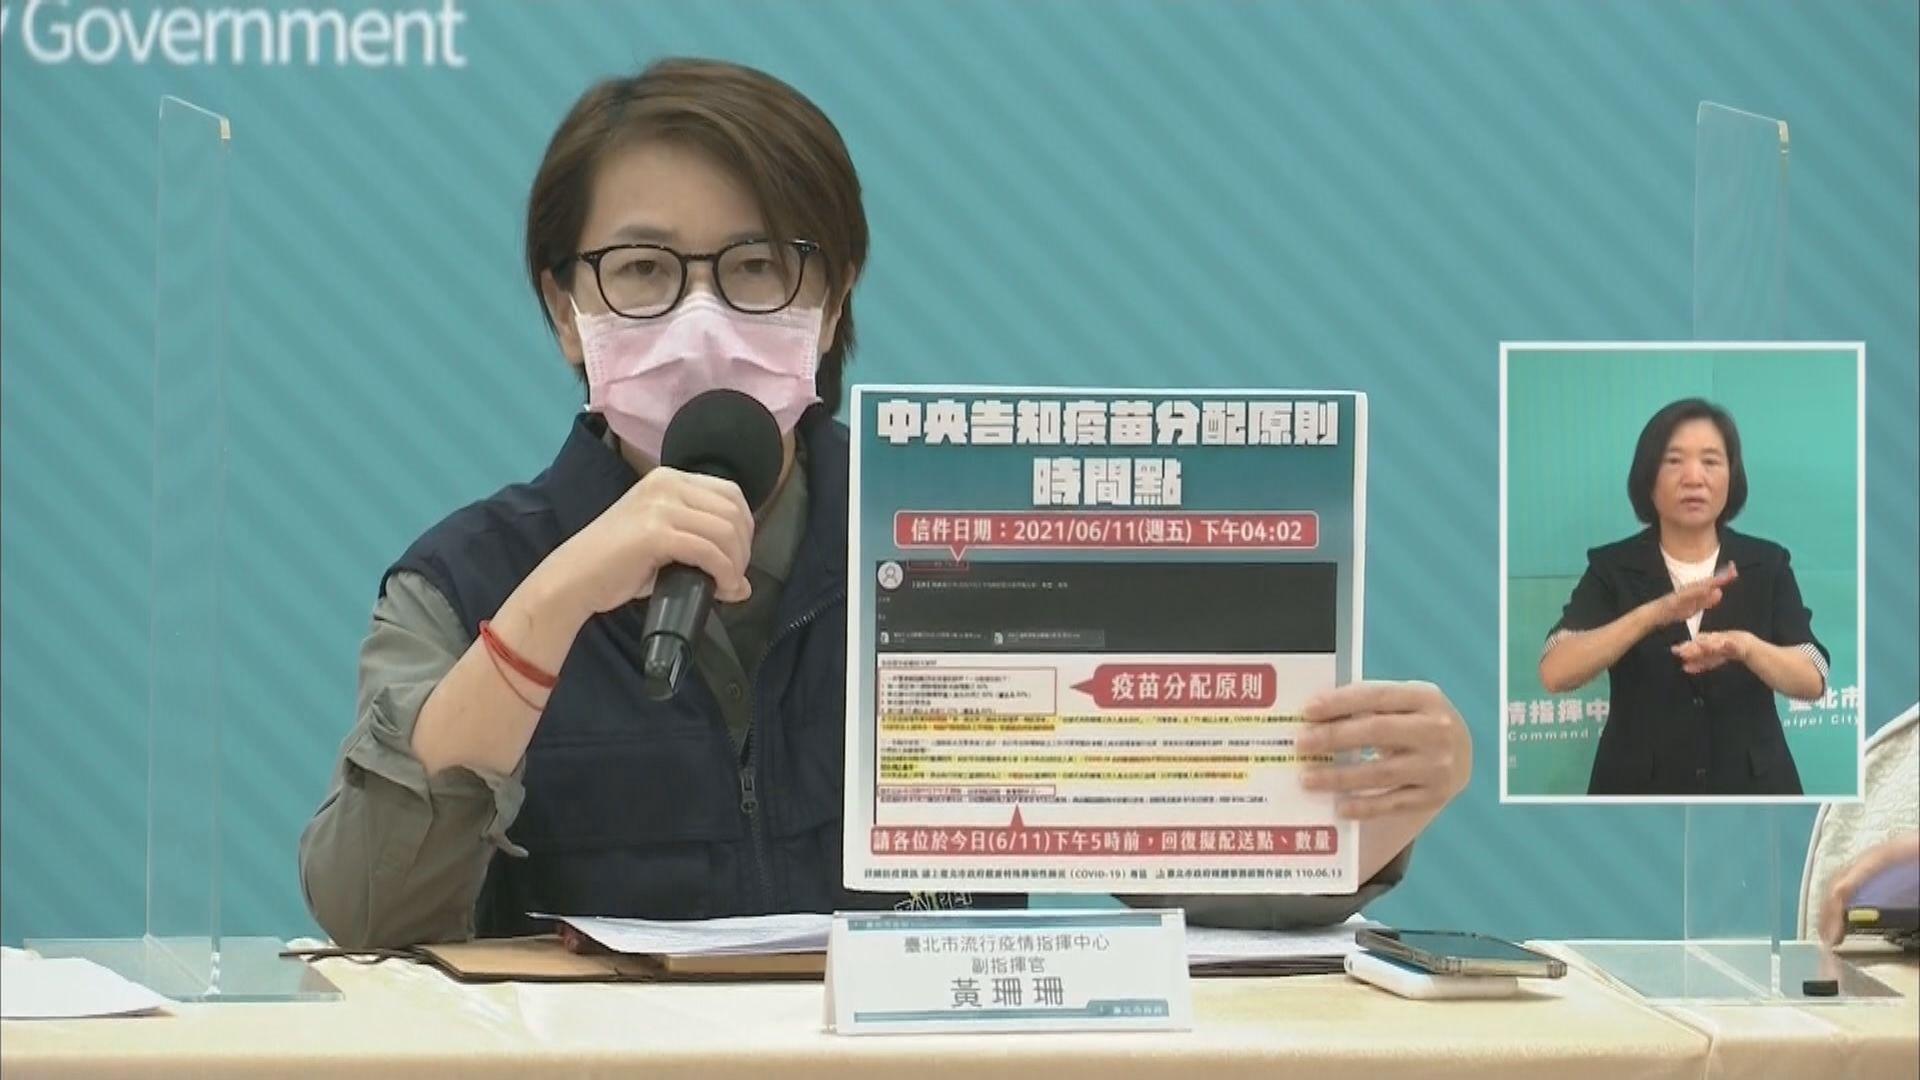 台灣分配疫苗到各縣市 被批數量不足讓所有長者接種